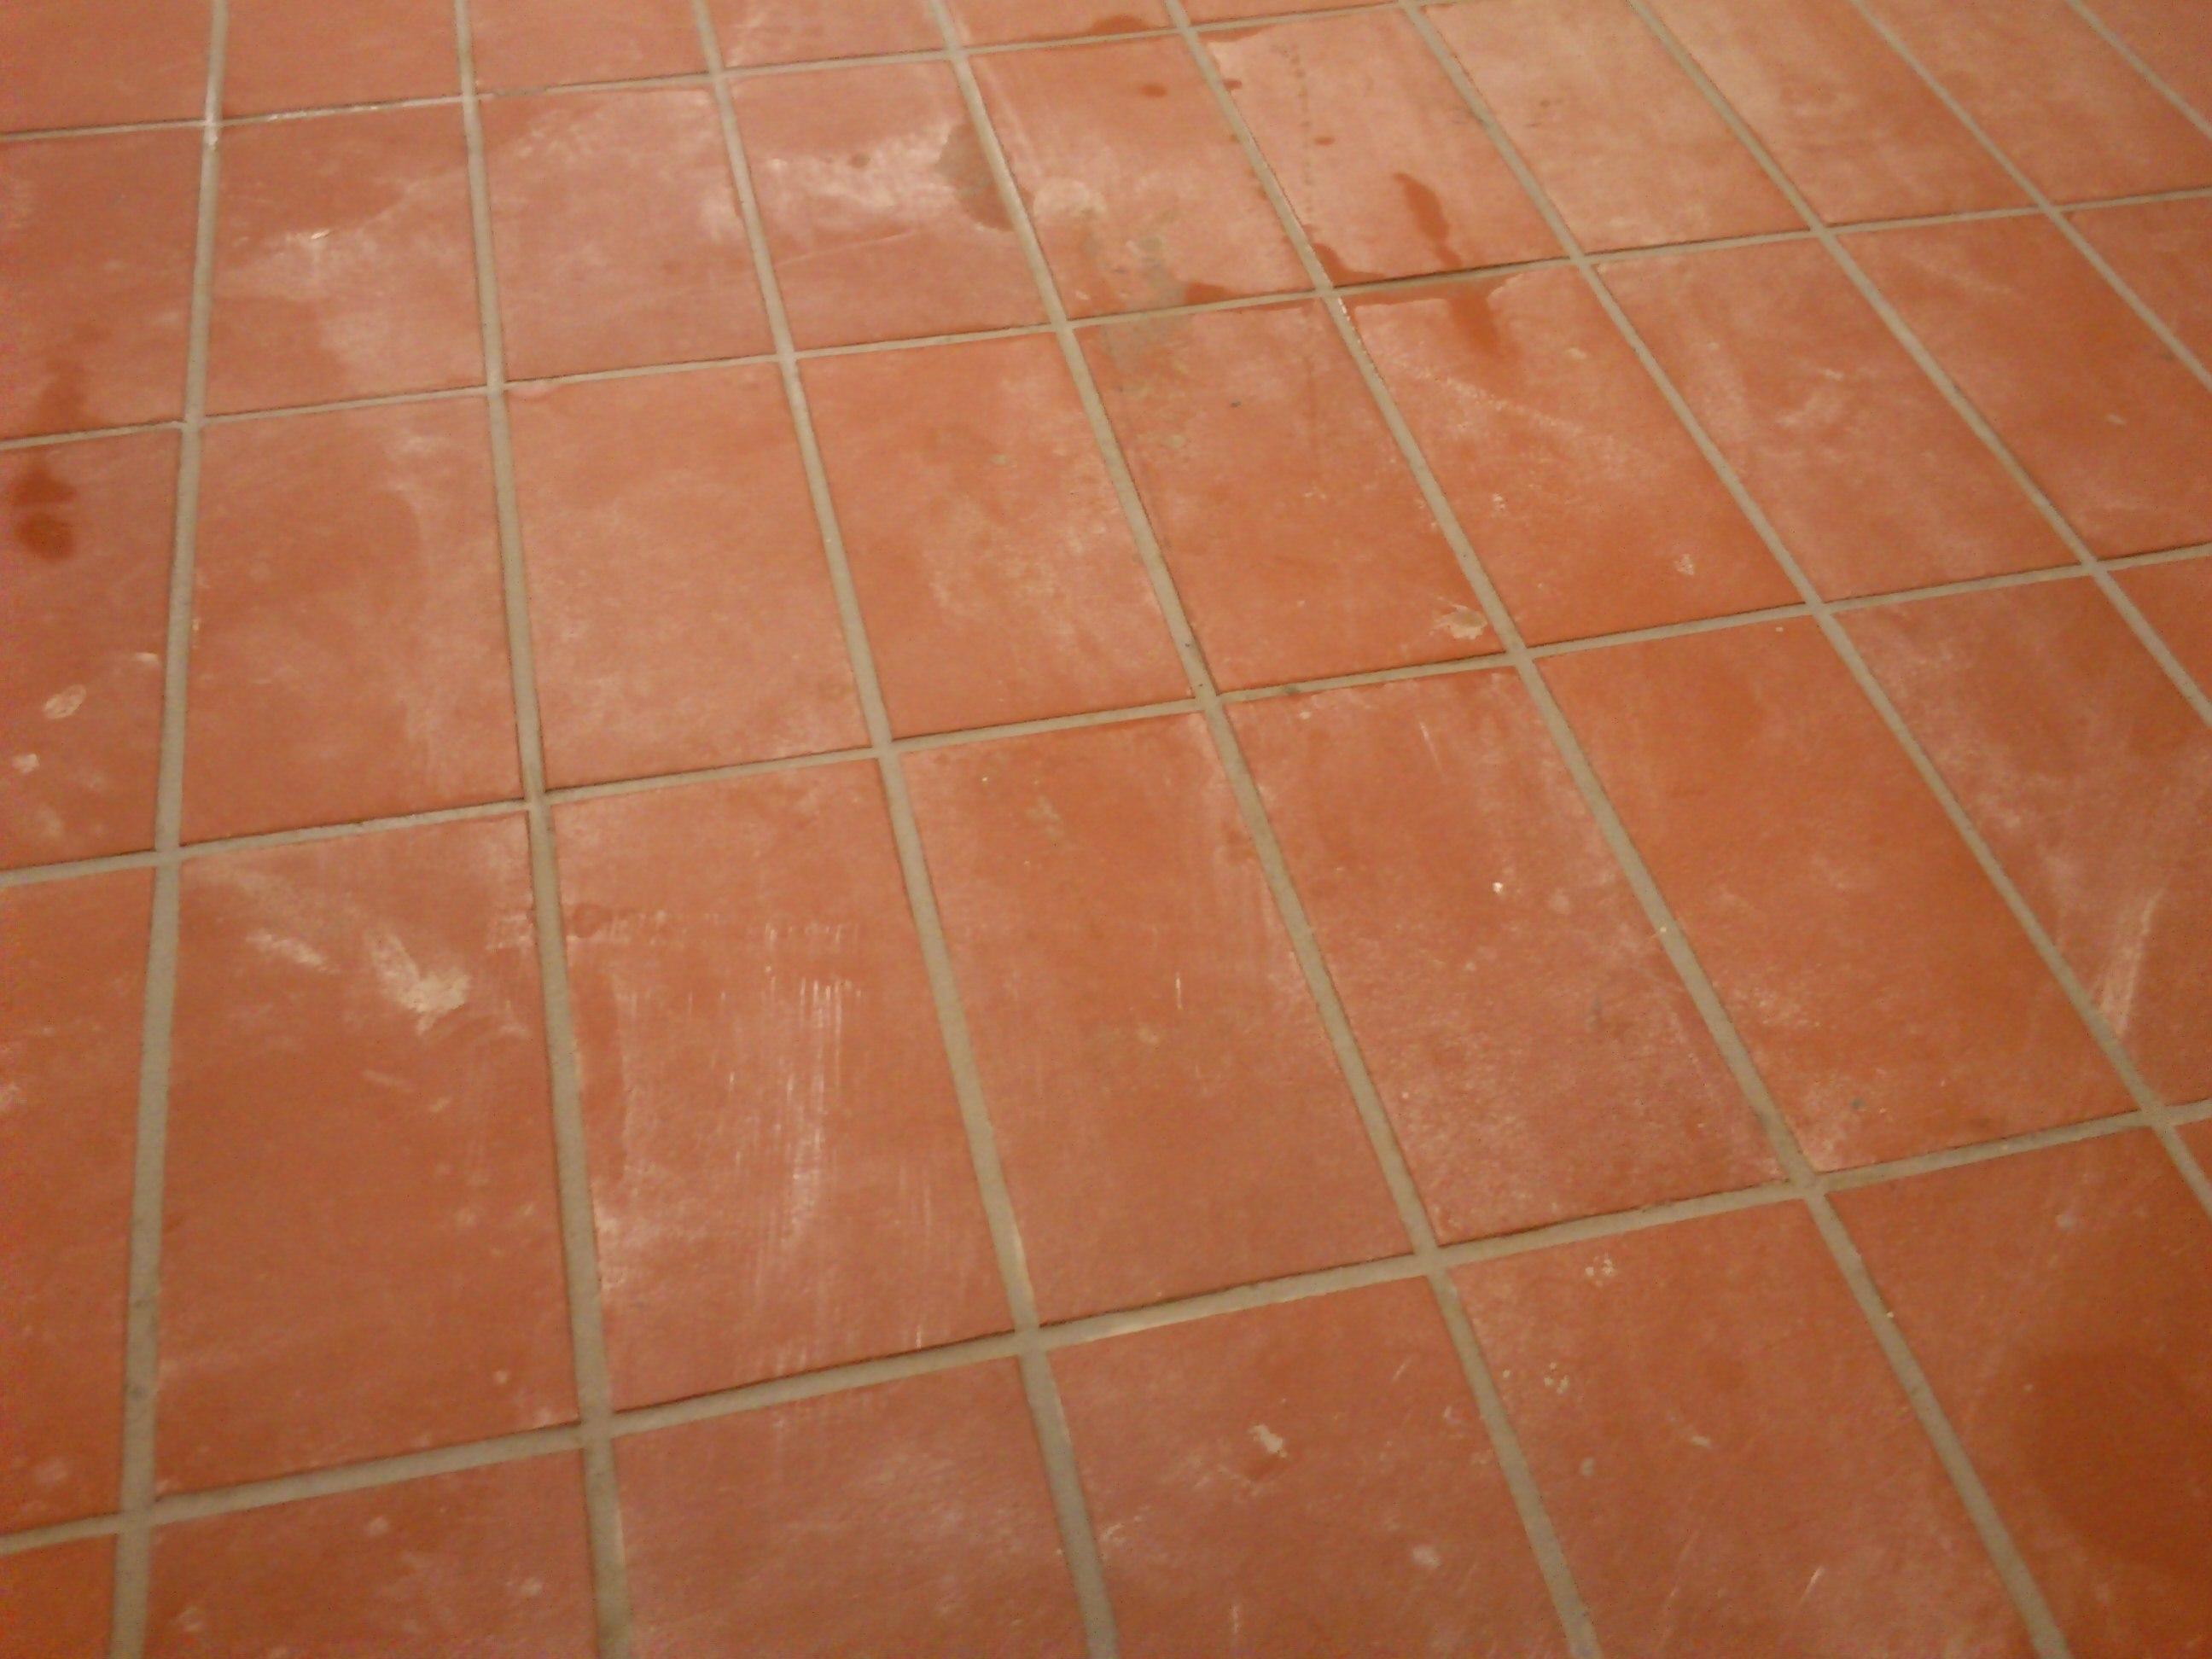 Strojové čistenie podlahy Martin